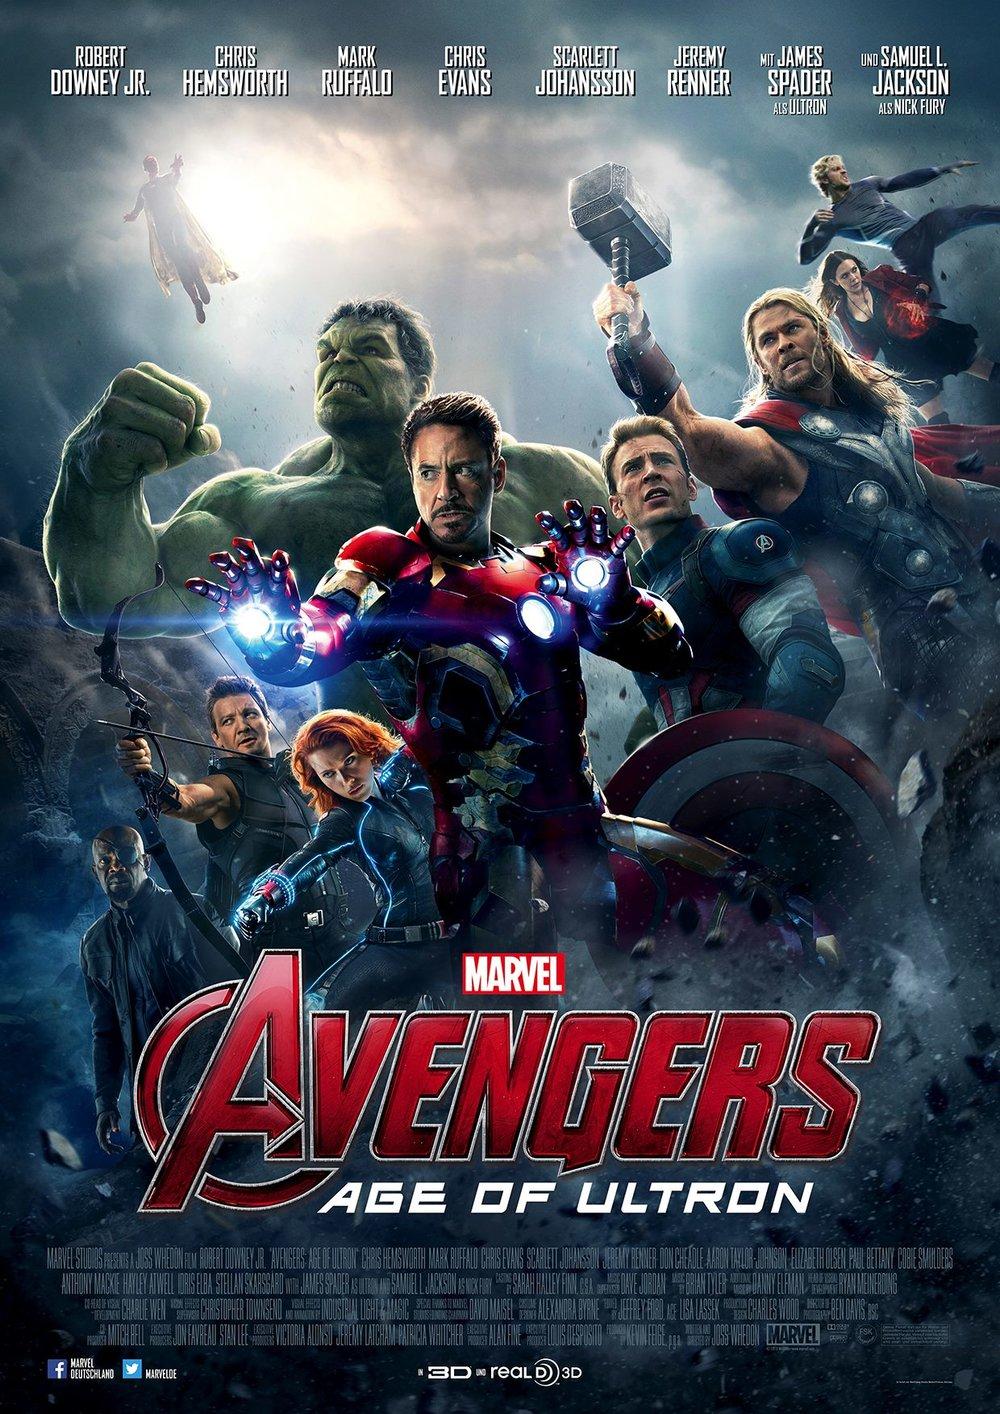 AvengersUltron.jpg